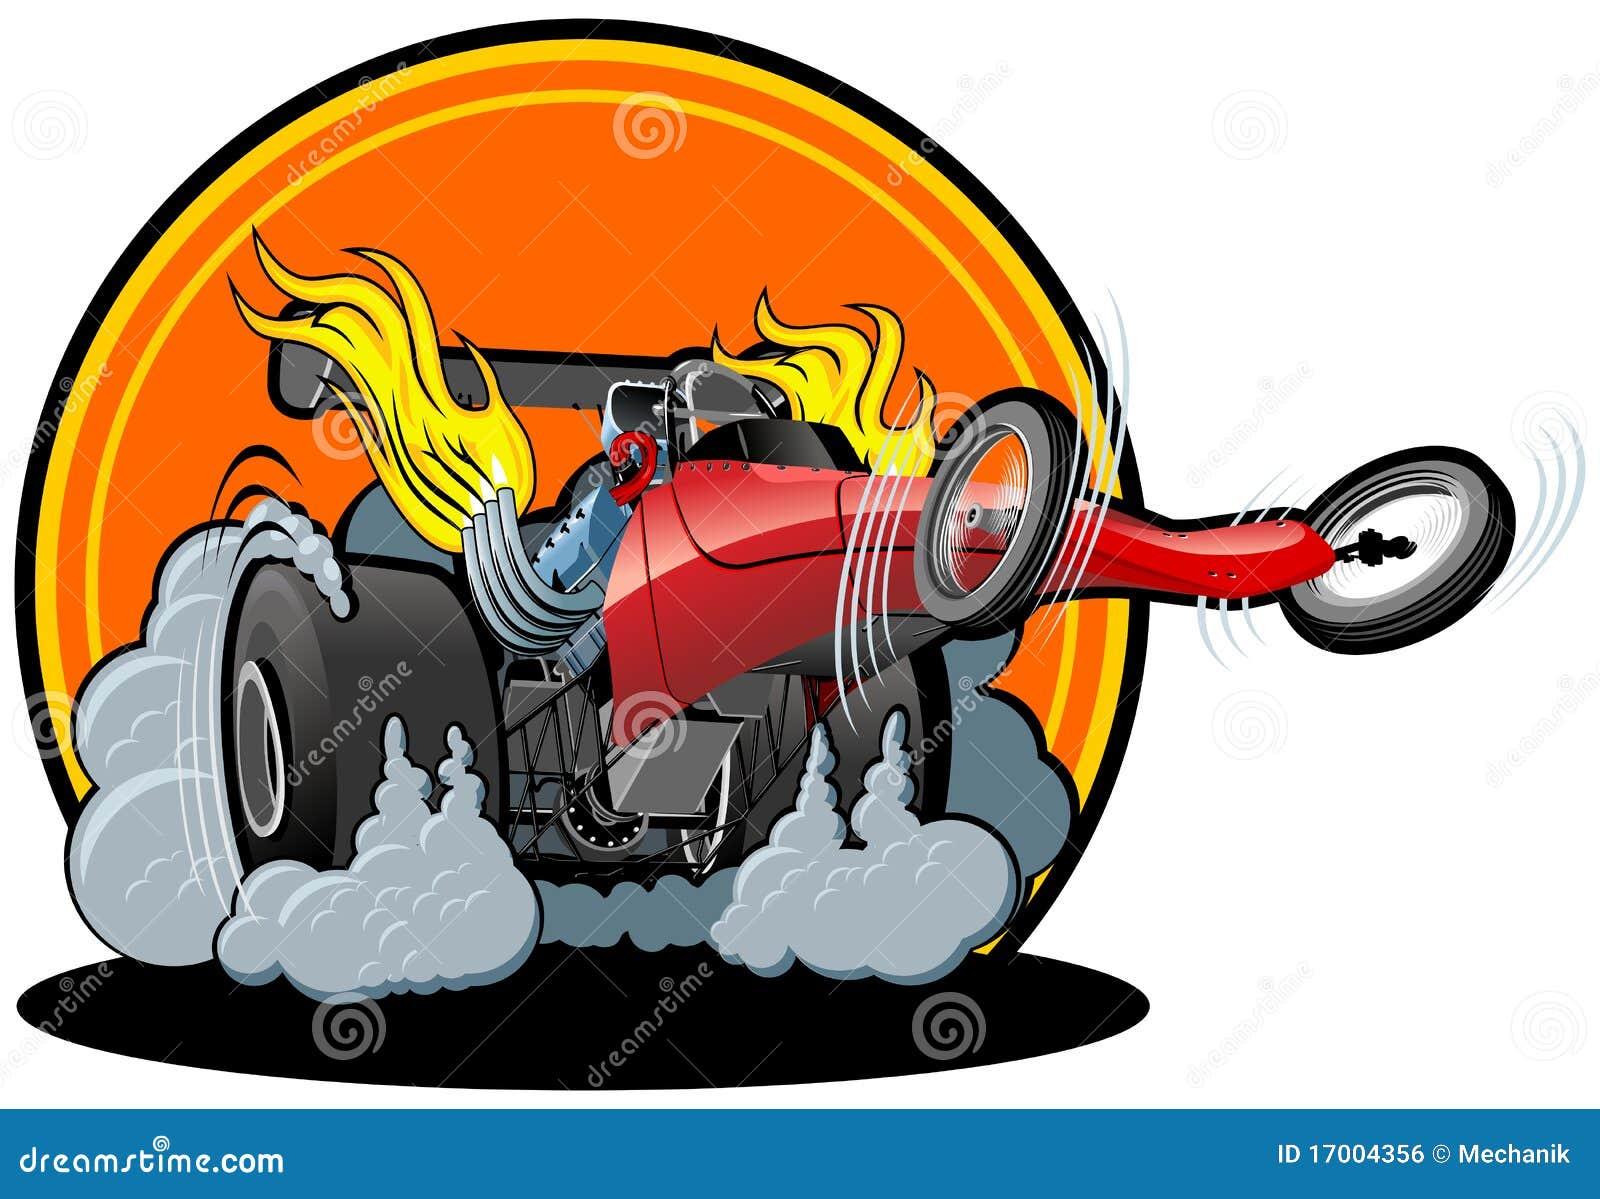 Vector Cartoon Dragster Stock Vector Illustration Of